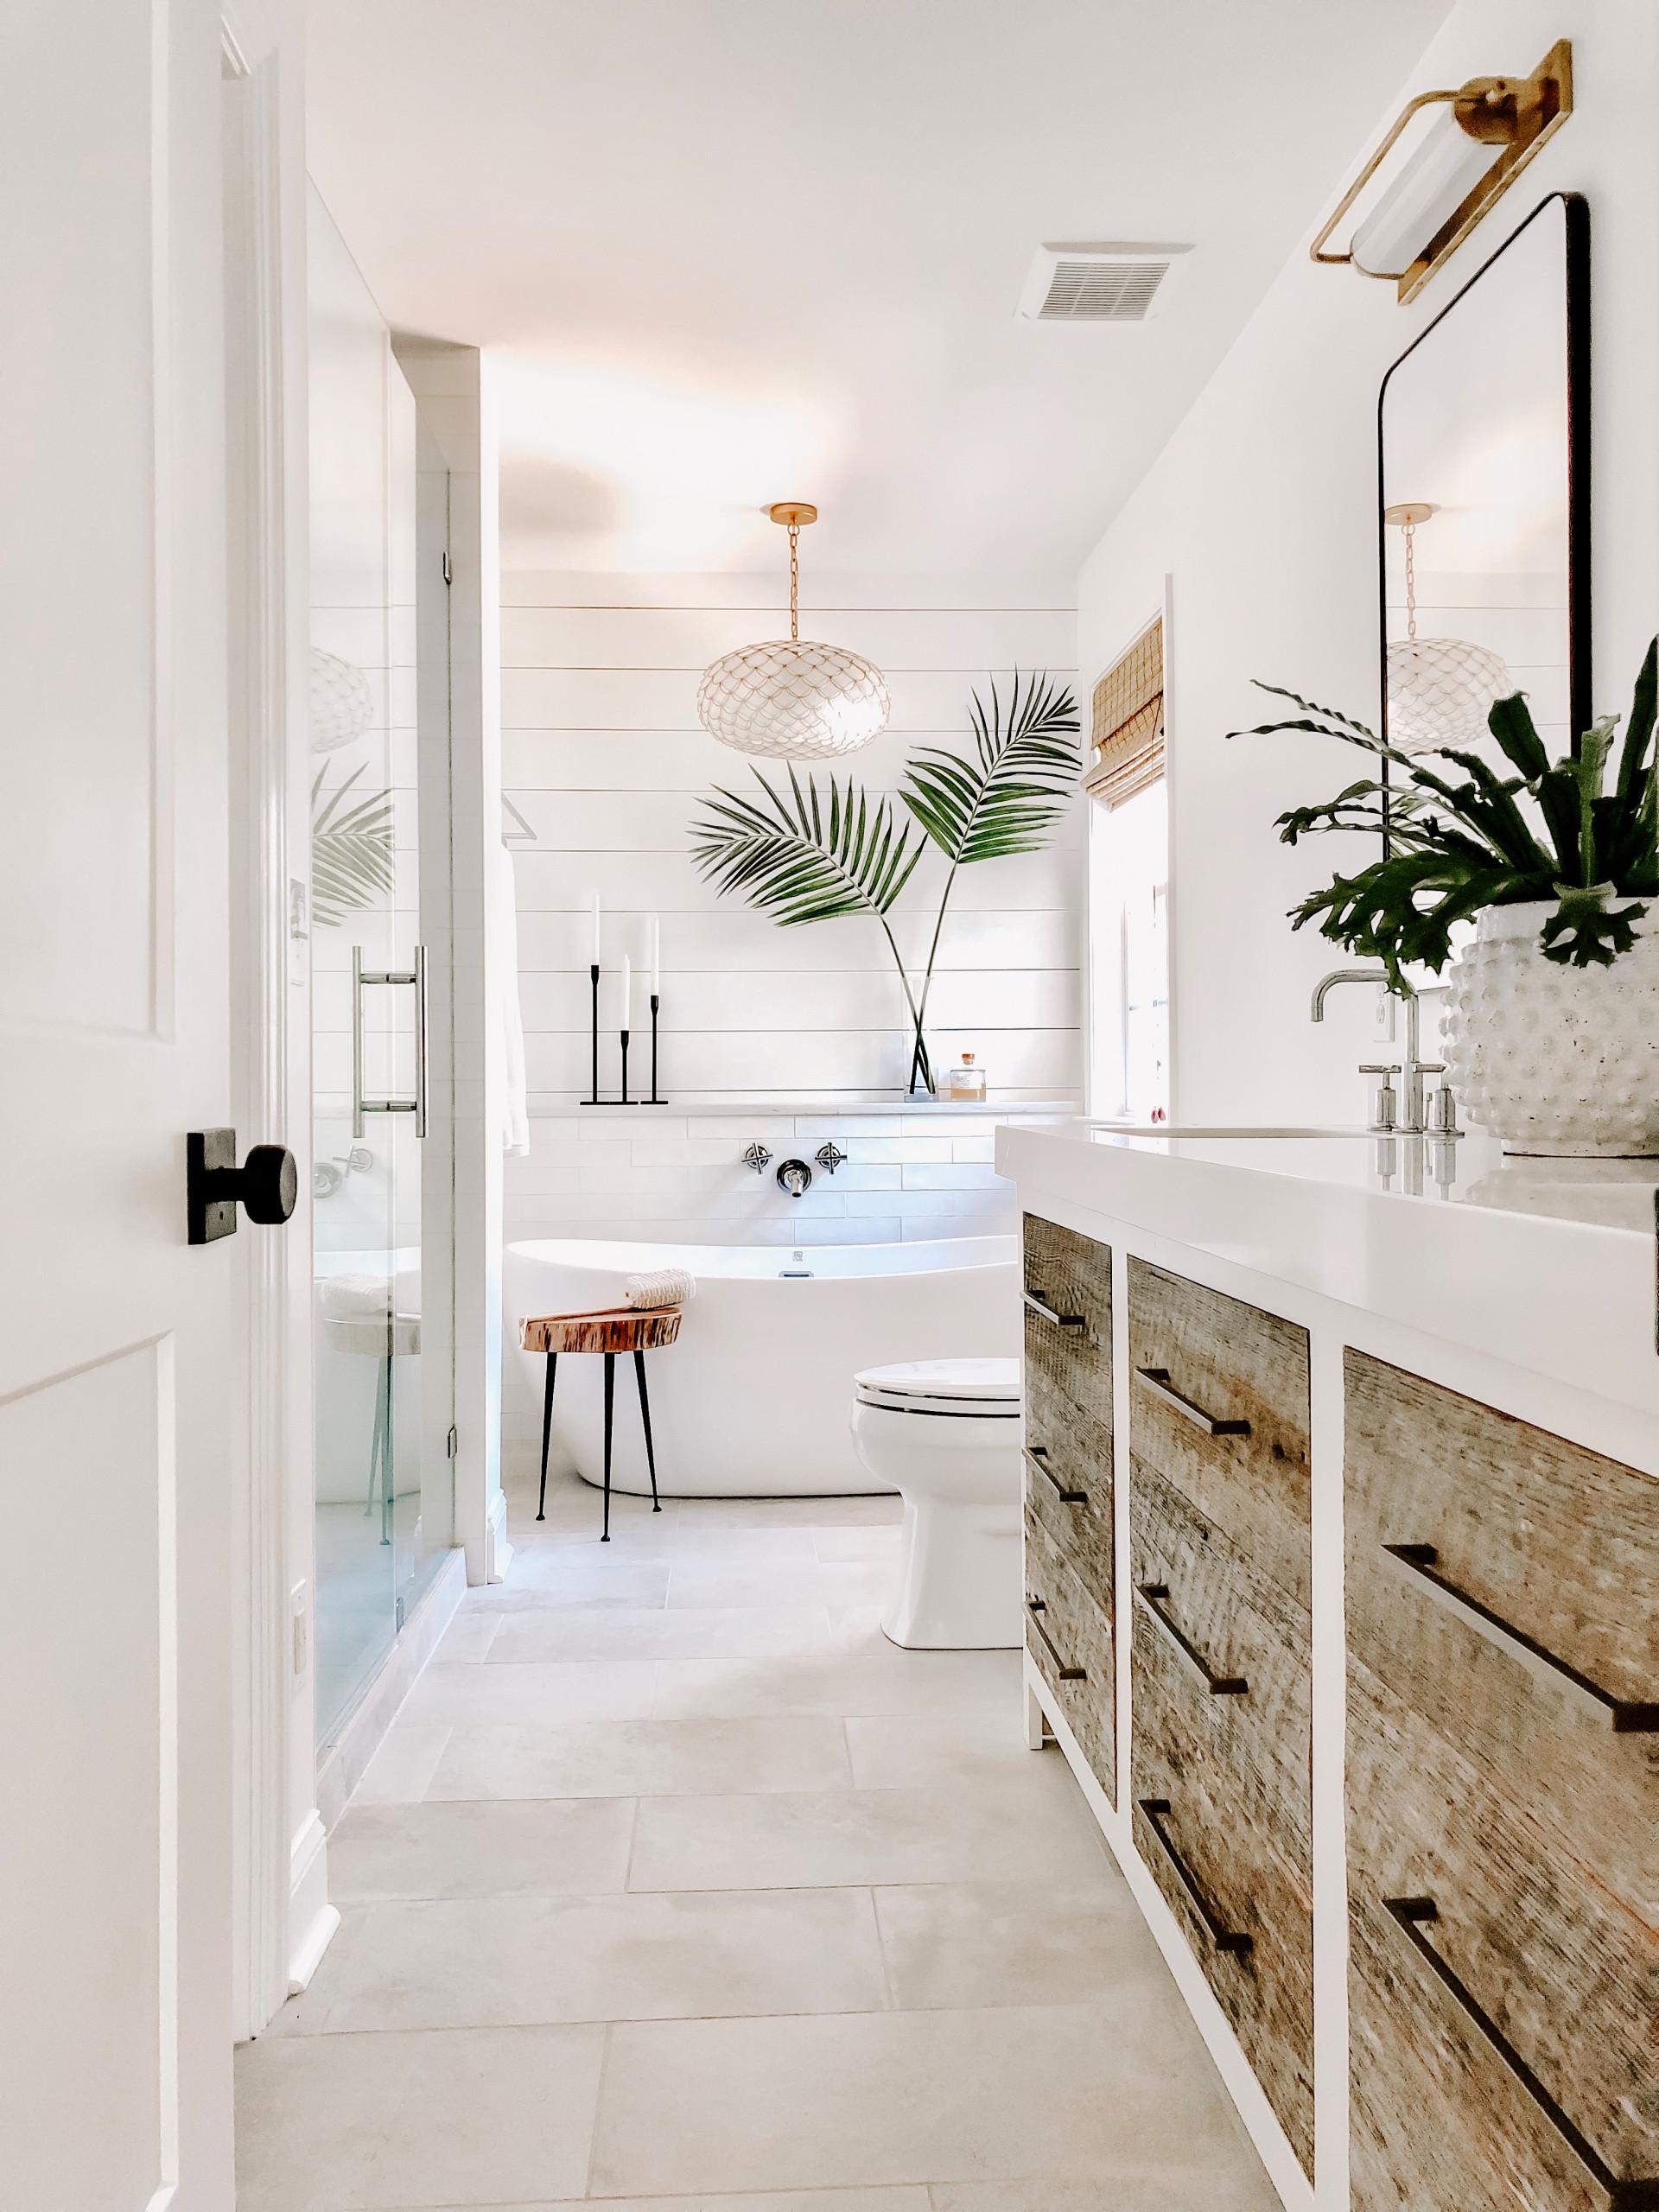 Cornelius master bathroom remodel